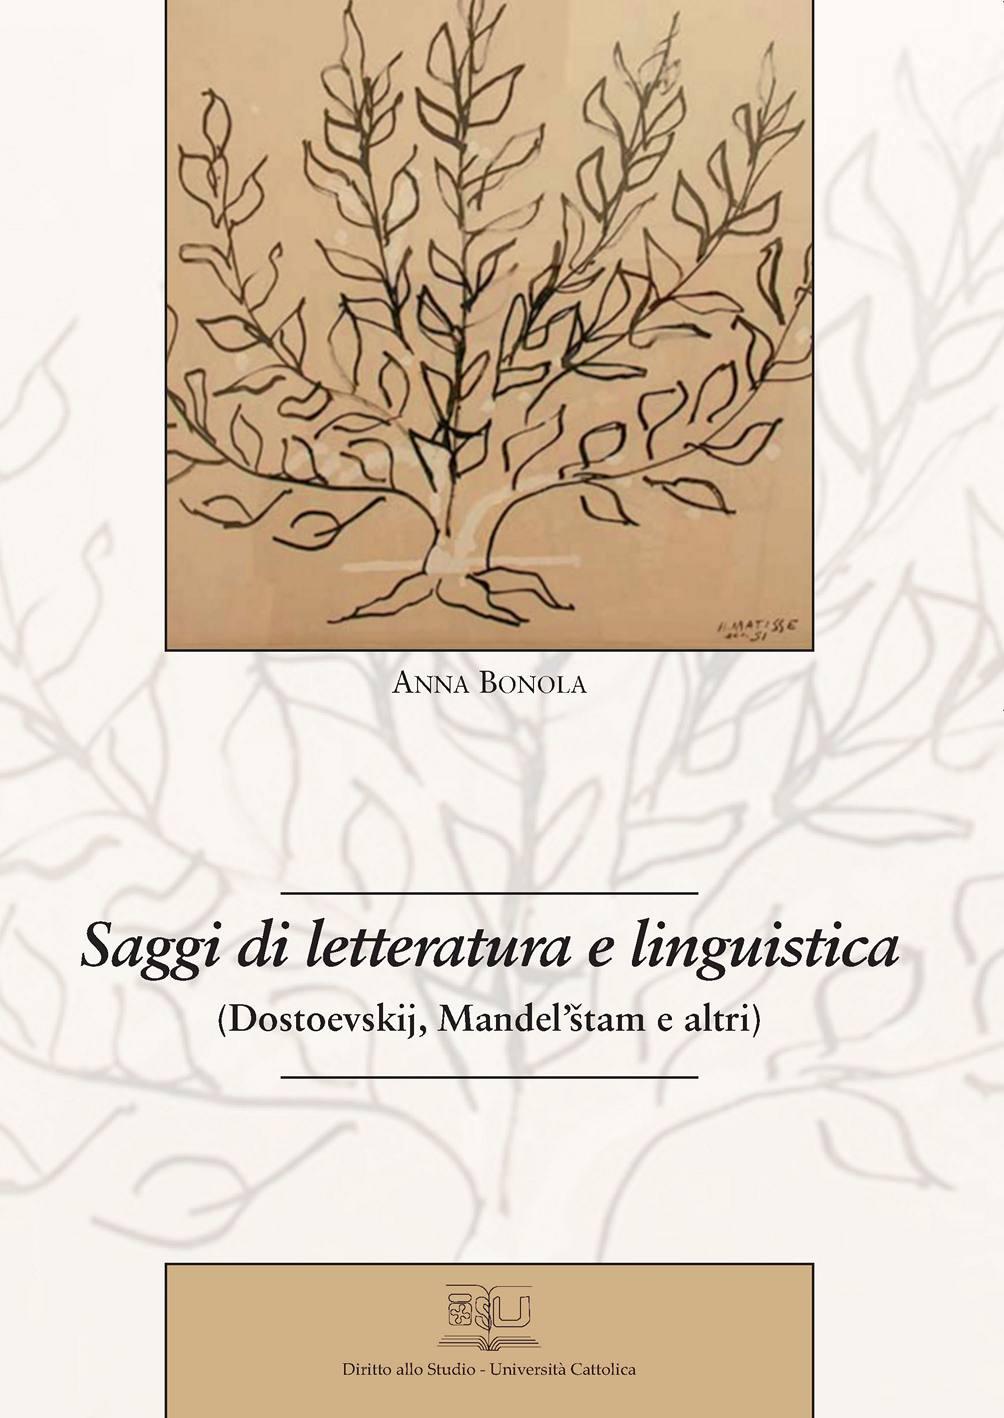 SAGGI DI LETTERATURA LINGUISTICA (DOSTOEVSKIJ, MANDEL'STAM E ALTRI)